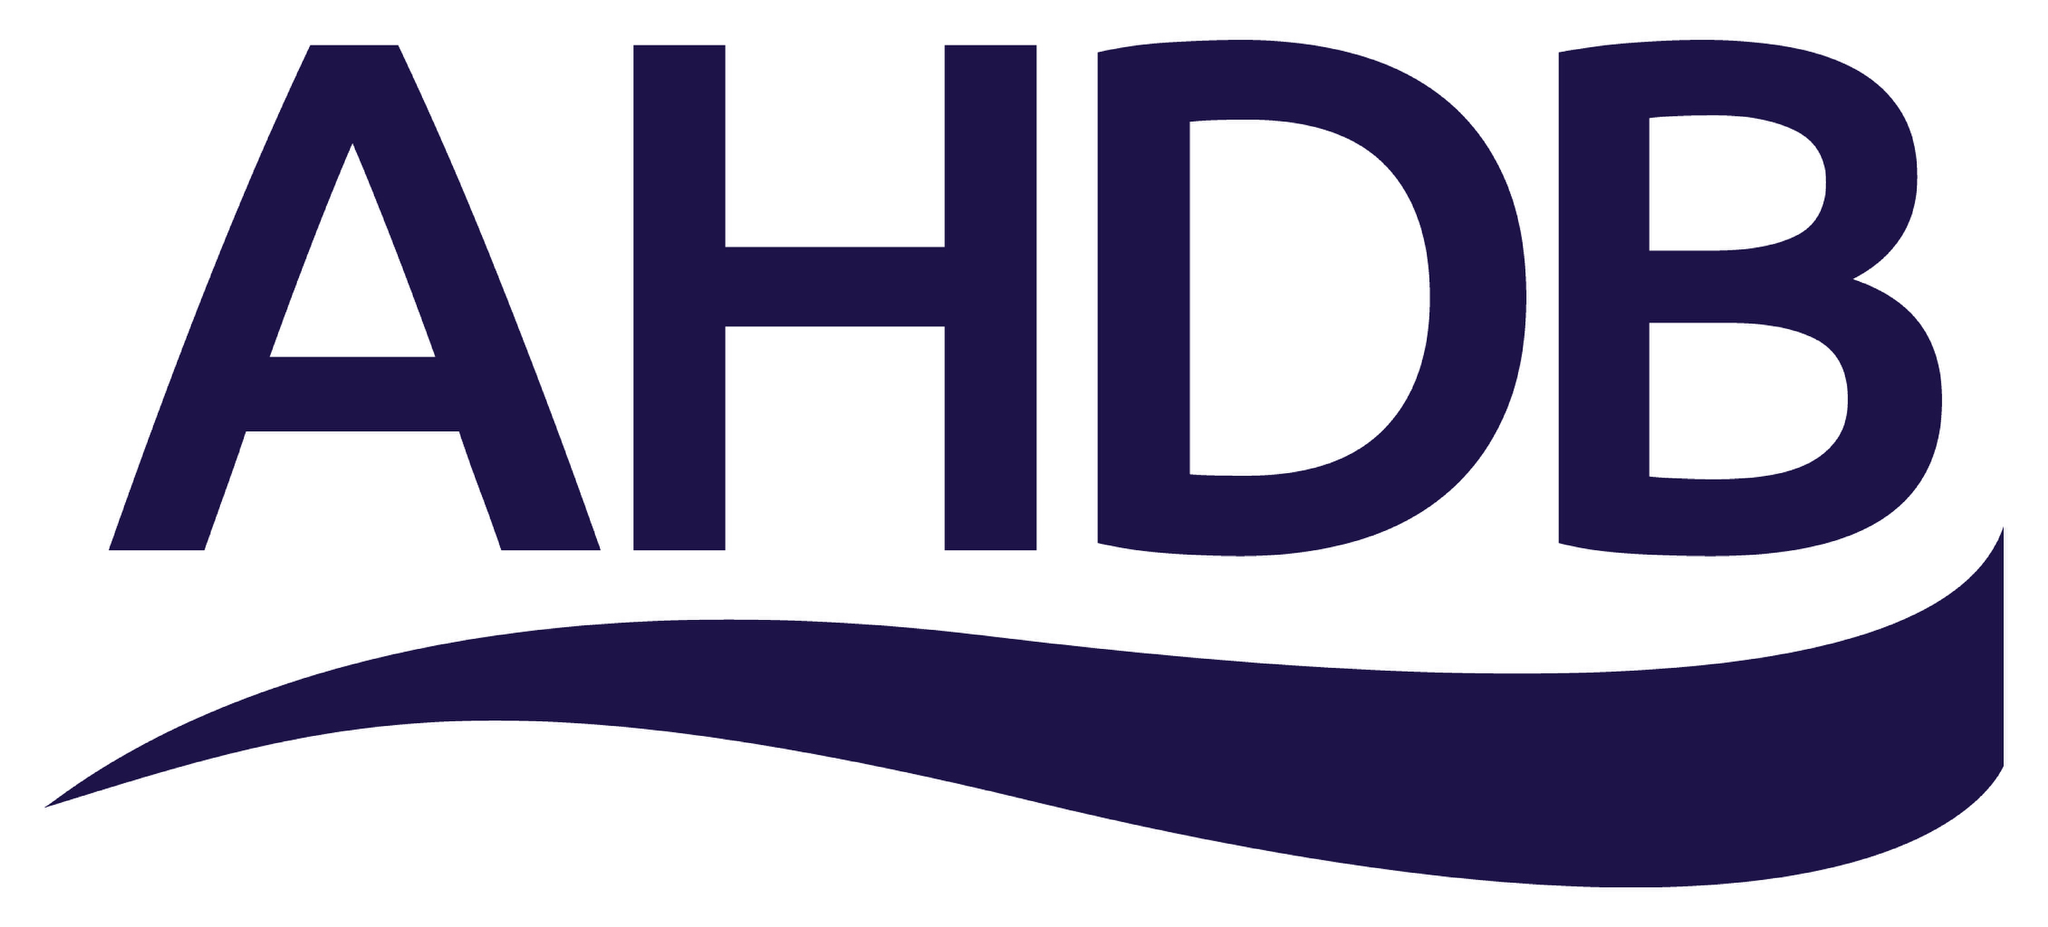 AHDB Export